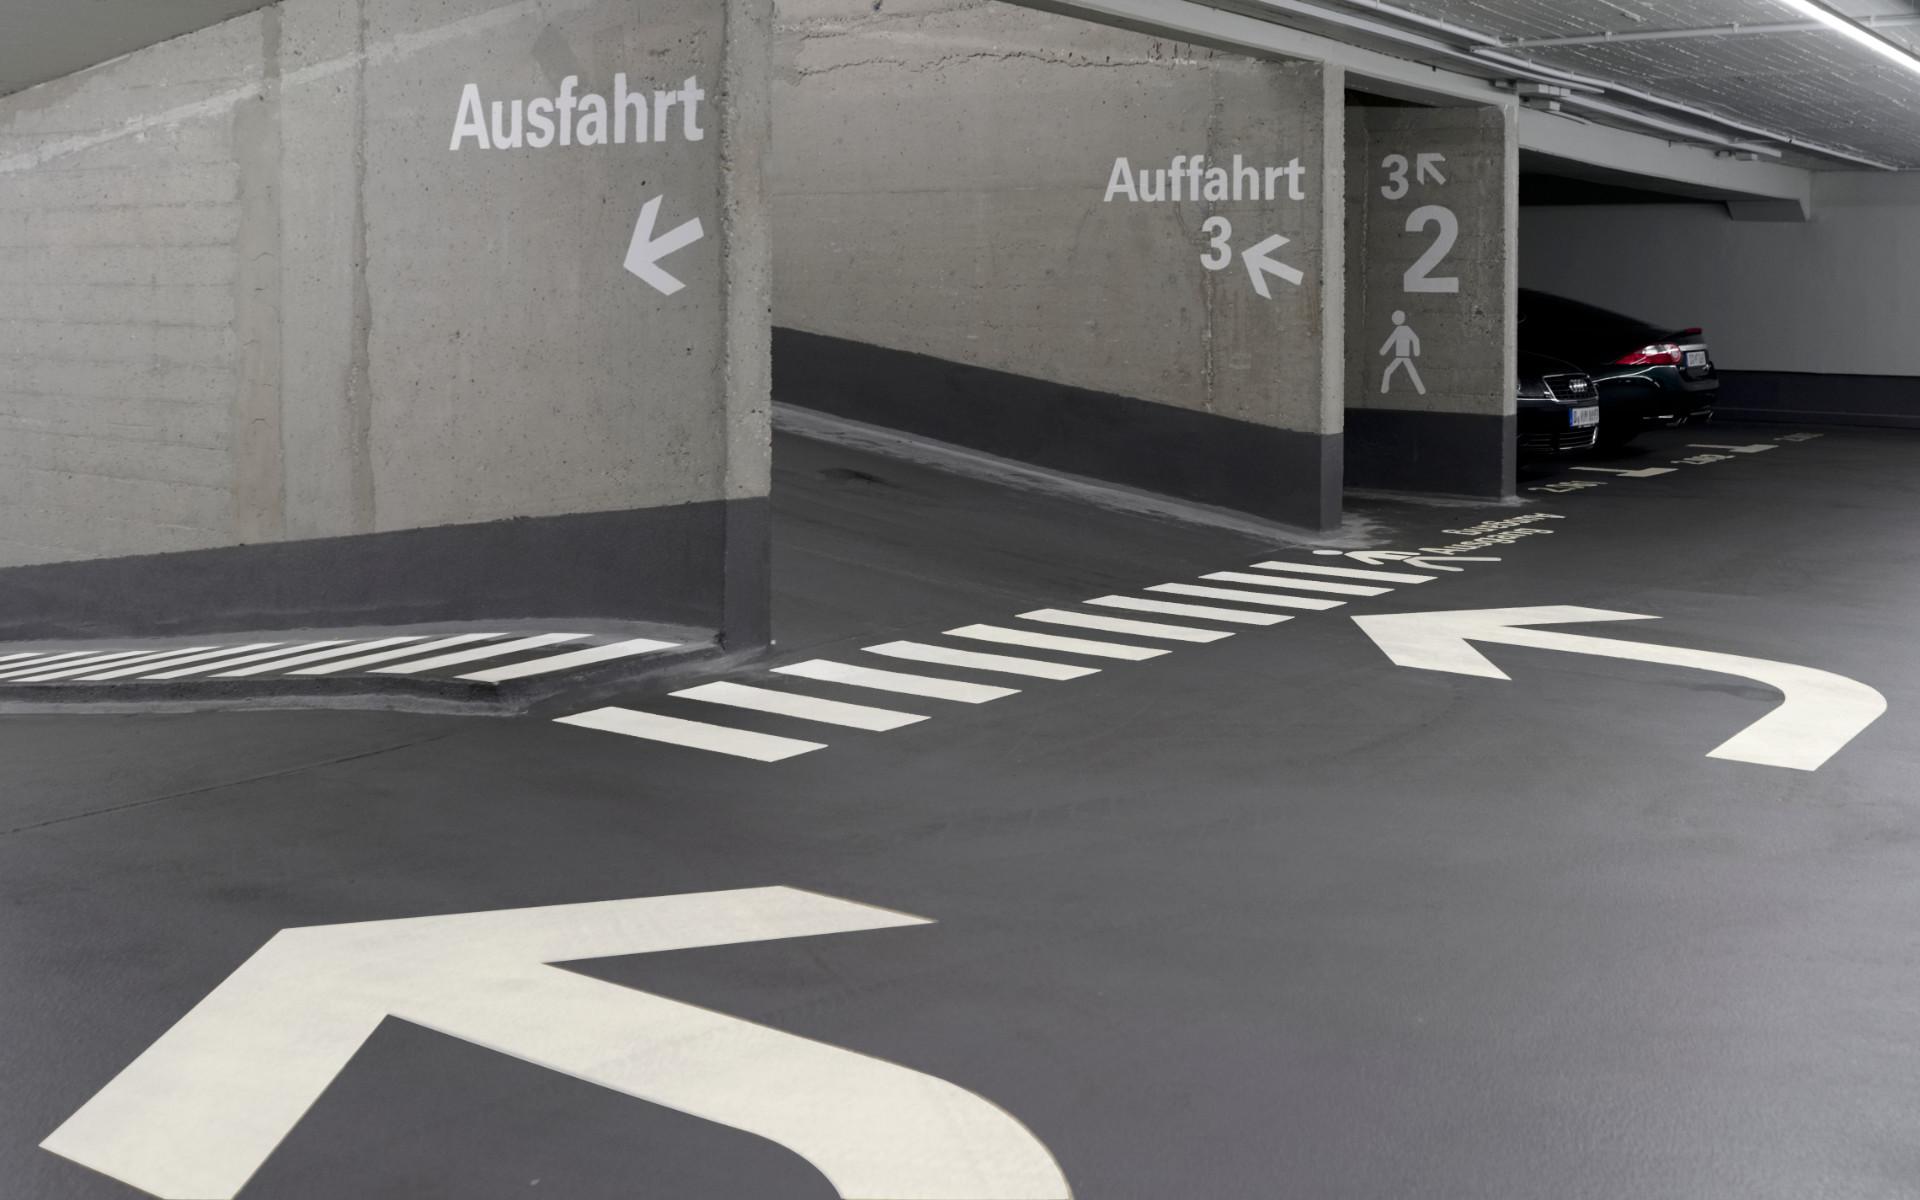 Parkgarage Piktogram Beschriftung Buerohaus Beschilderung Leitsystem Design Berlin